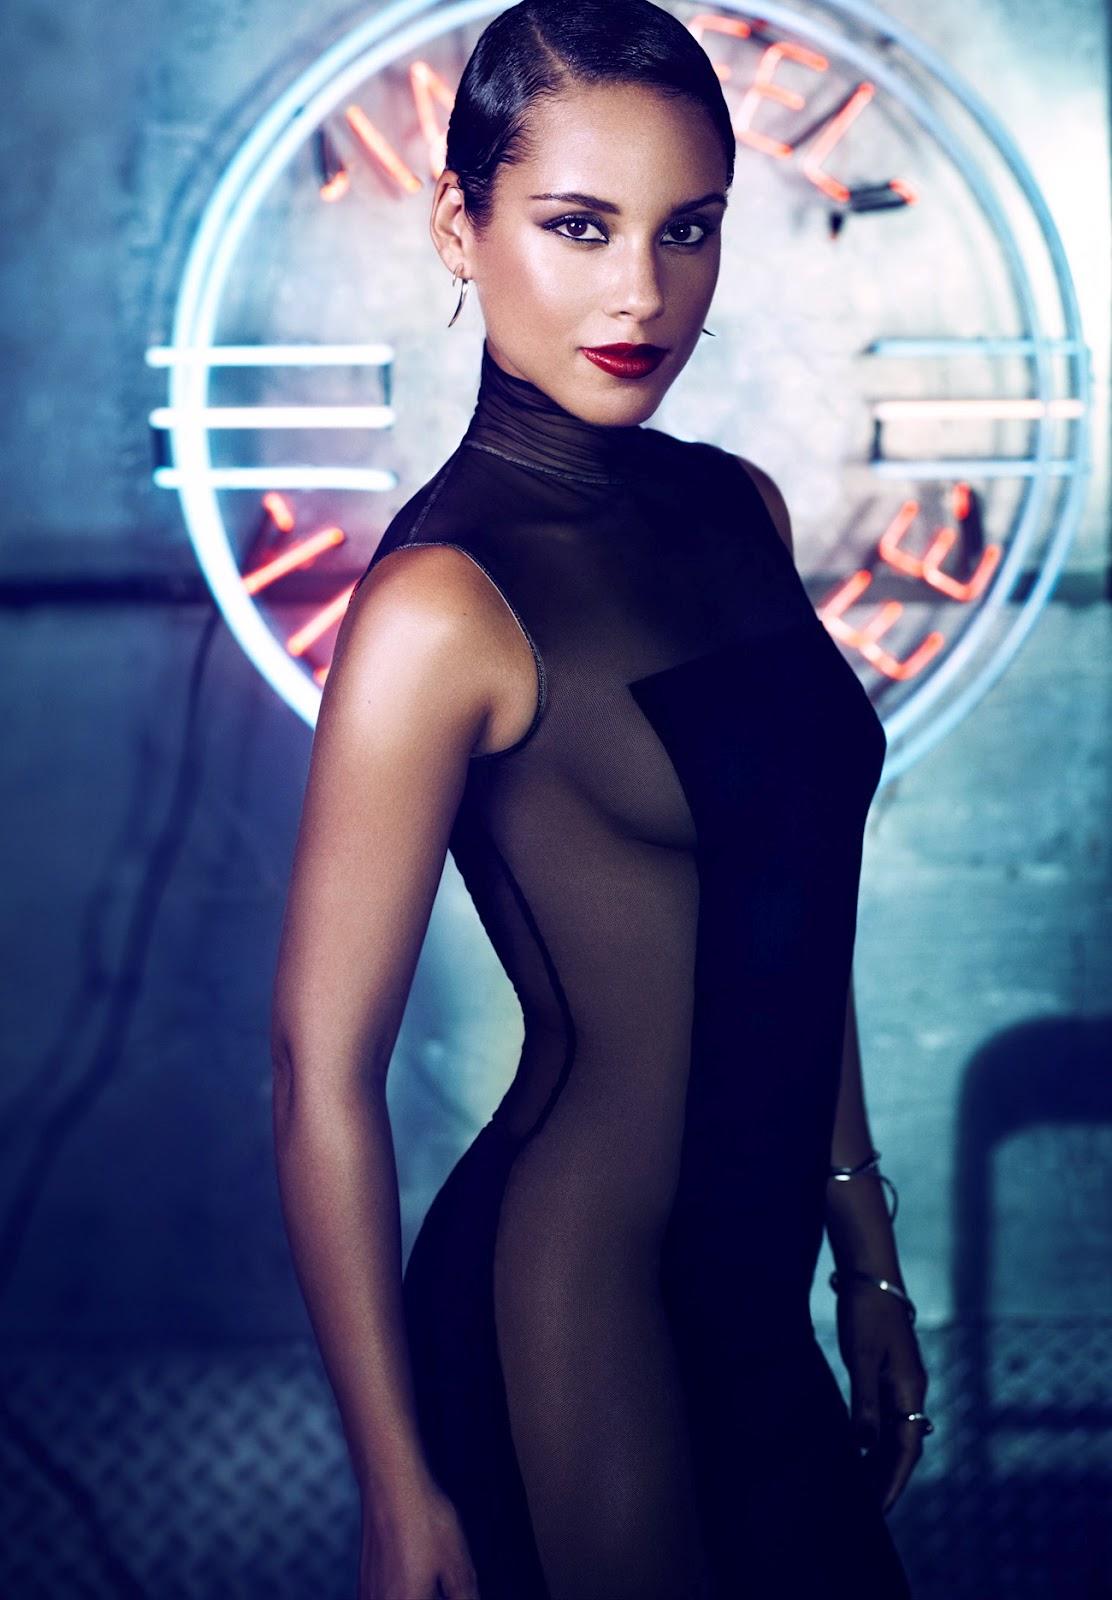 http://3.bp.blogspot.com/-6qv0qd1bxXg/UIIoOiA2goI/AAAAAAAAAGU/P7lO-XCN4WU/s1600/Alicia+Keys+\'Girl+On+Fire\'+new+album+image.jpg